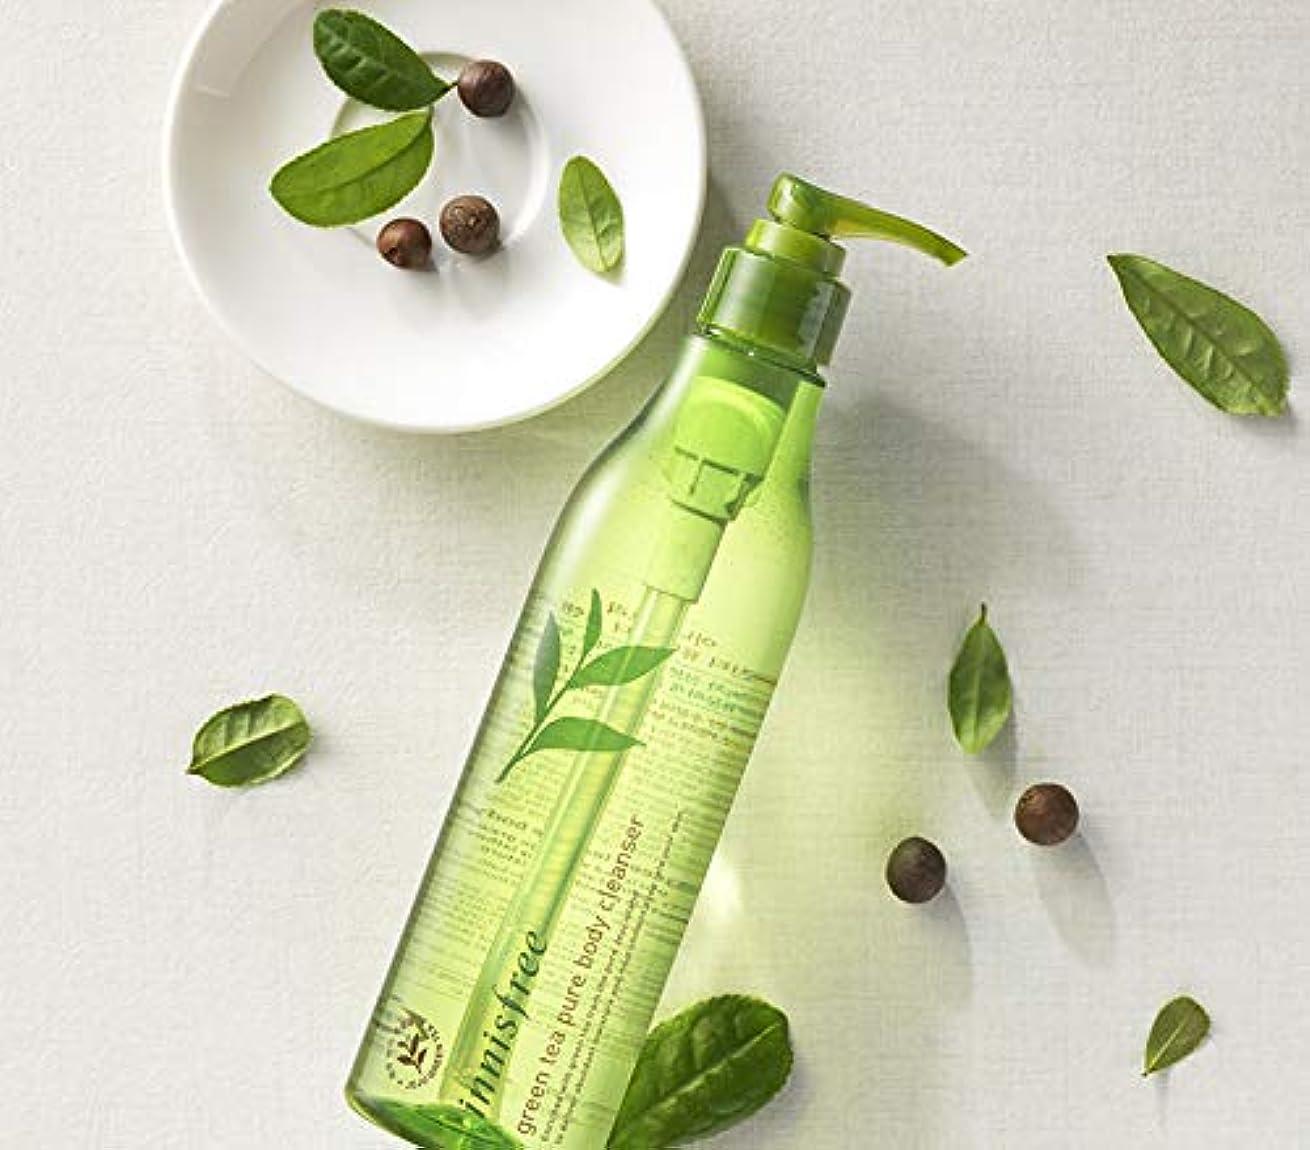 地下鉄マージ衰える[イニスフリー.innisfree]グリーンティーピュアボディクレンザー300mL/ Green Tea Pure Body Cleanser